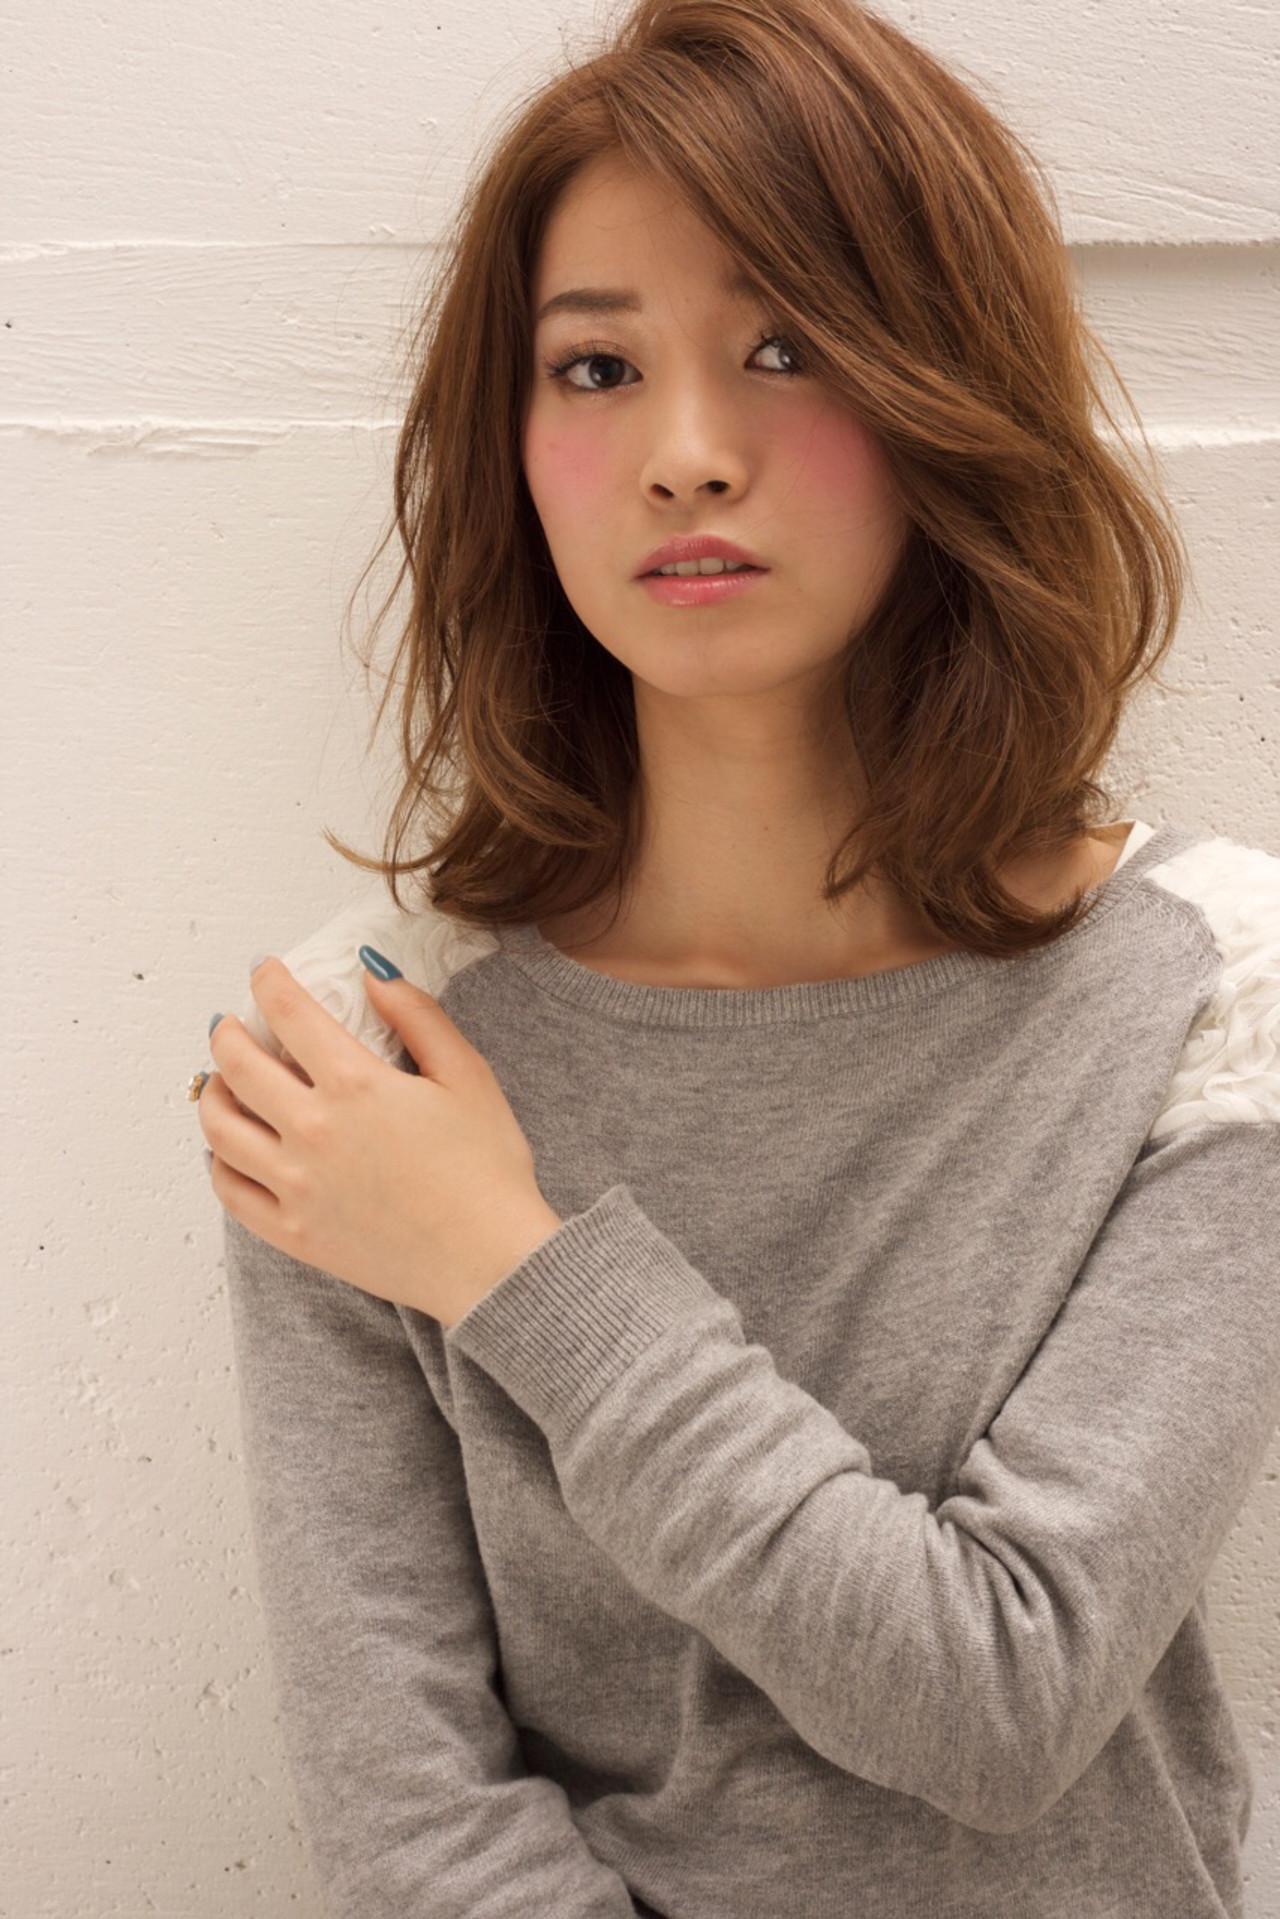 子育てママでもキレイでいたい!育児世代におすすめのヘアスタイルとは? 鈴木 謙太